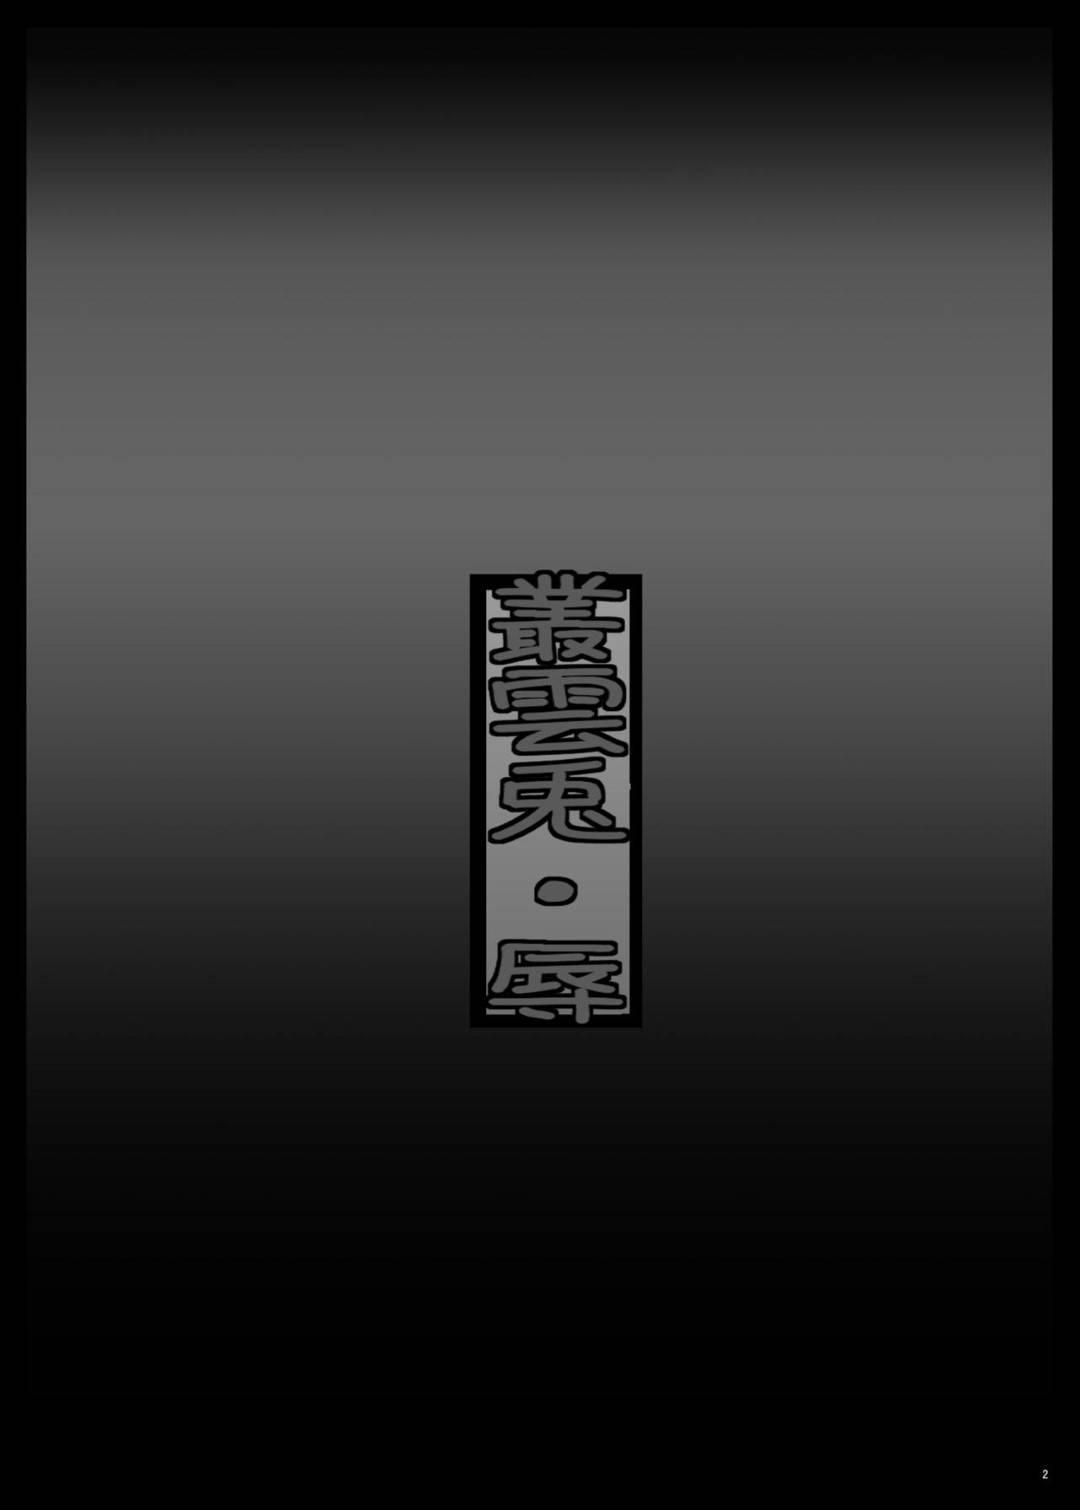 【エロ同人誌】目隠し拘束されてバニーガールの衣装に身を包んでいる叢雲…提督じゃない男達に囲まれて輪姦され次々に中出しされる!【しんきゃら (YO-JIN):叢雲兎・辱/艦隊これくしょん -艦これ-】